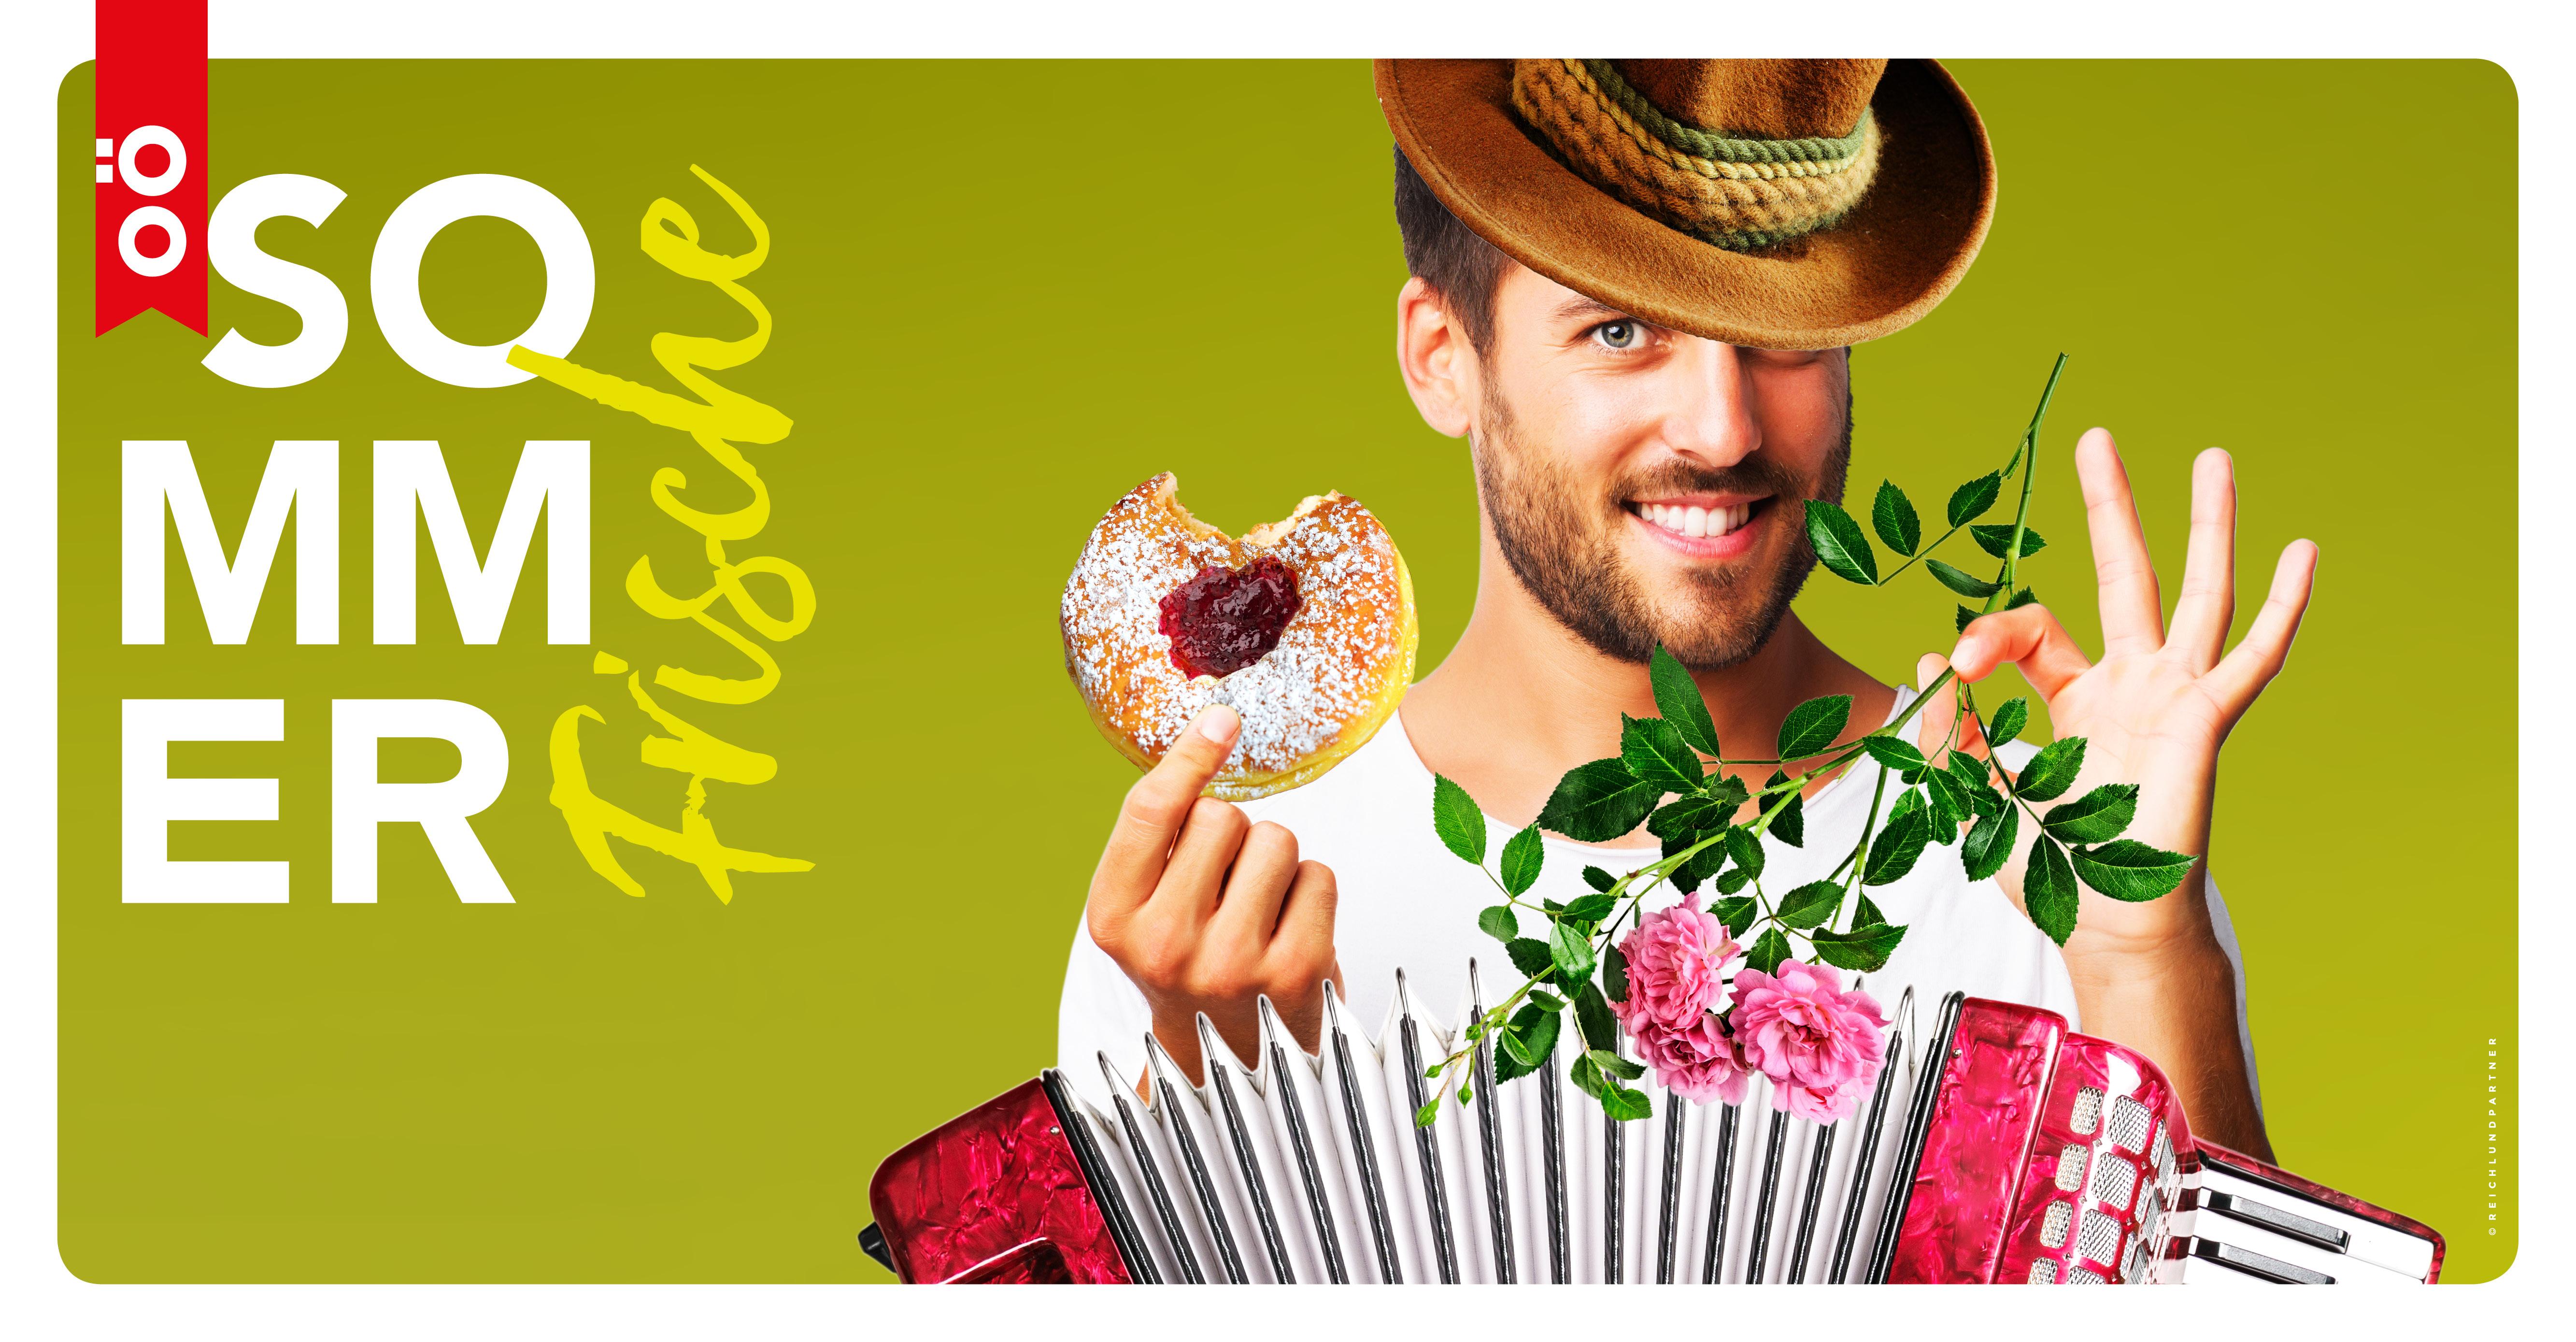 Das Bild zeigt einen Mann mit Hut und Ziehharmonika, der in der einen Hand einen Krapfen und in der anderen eine Rose hält, sowie das Sommerfrische Logo.